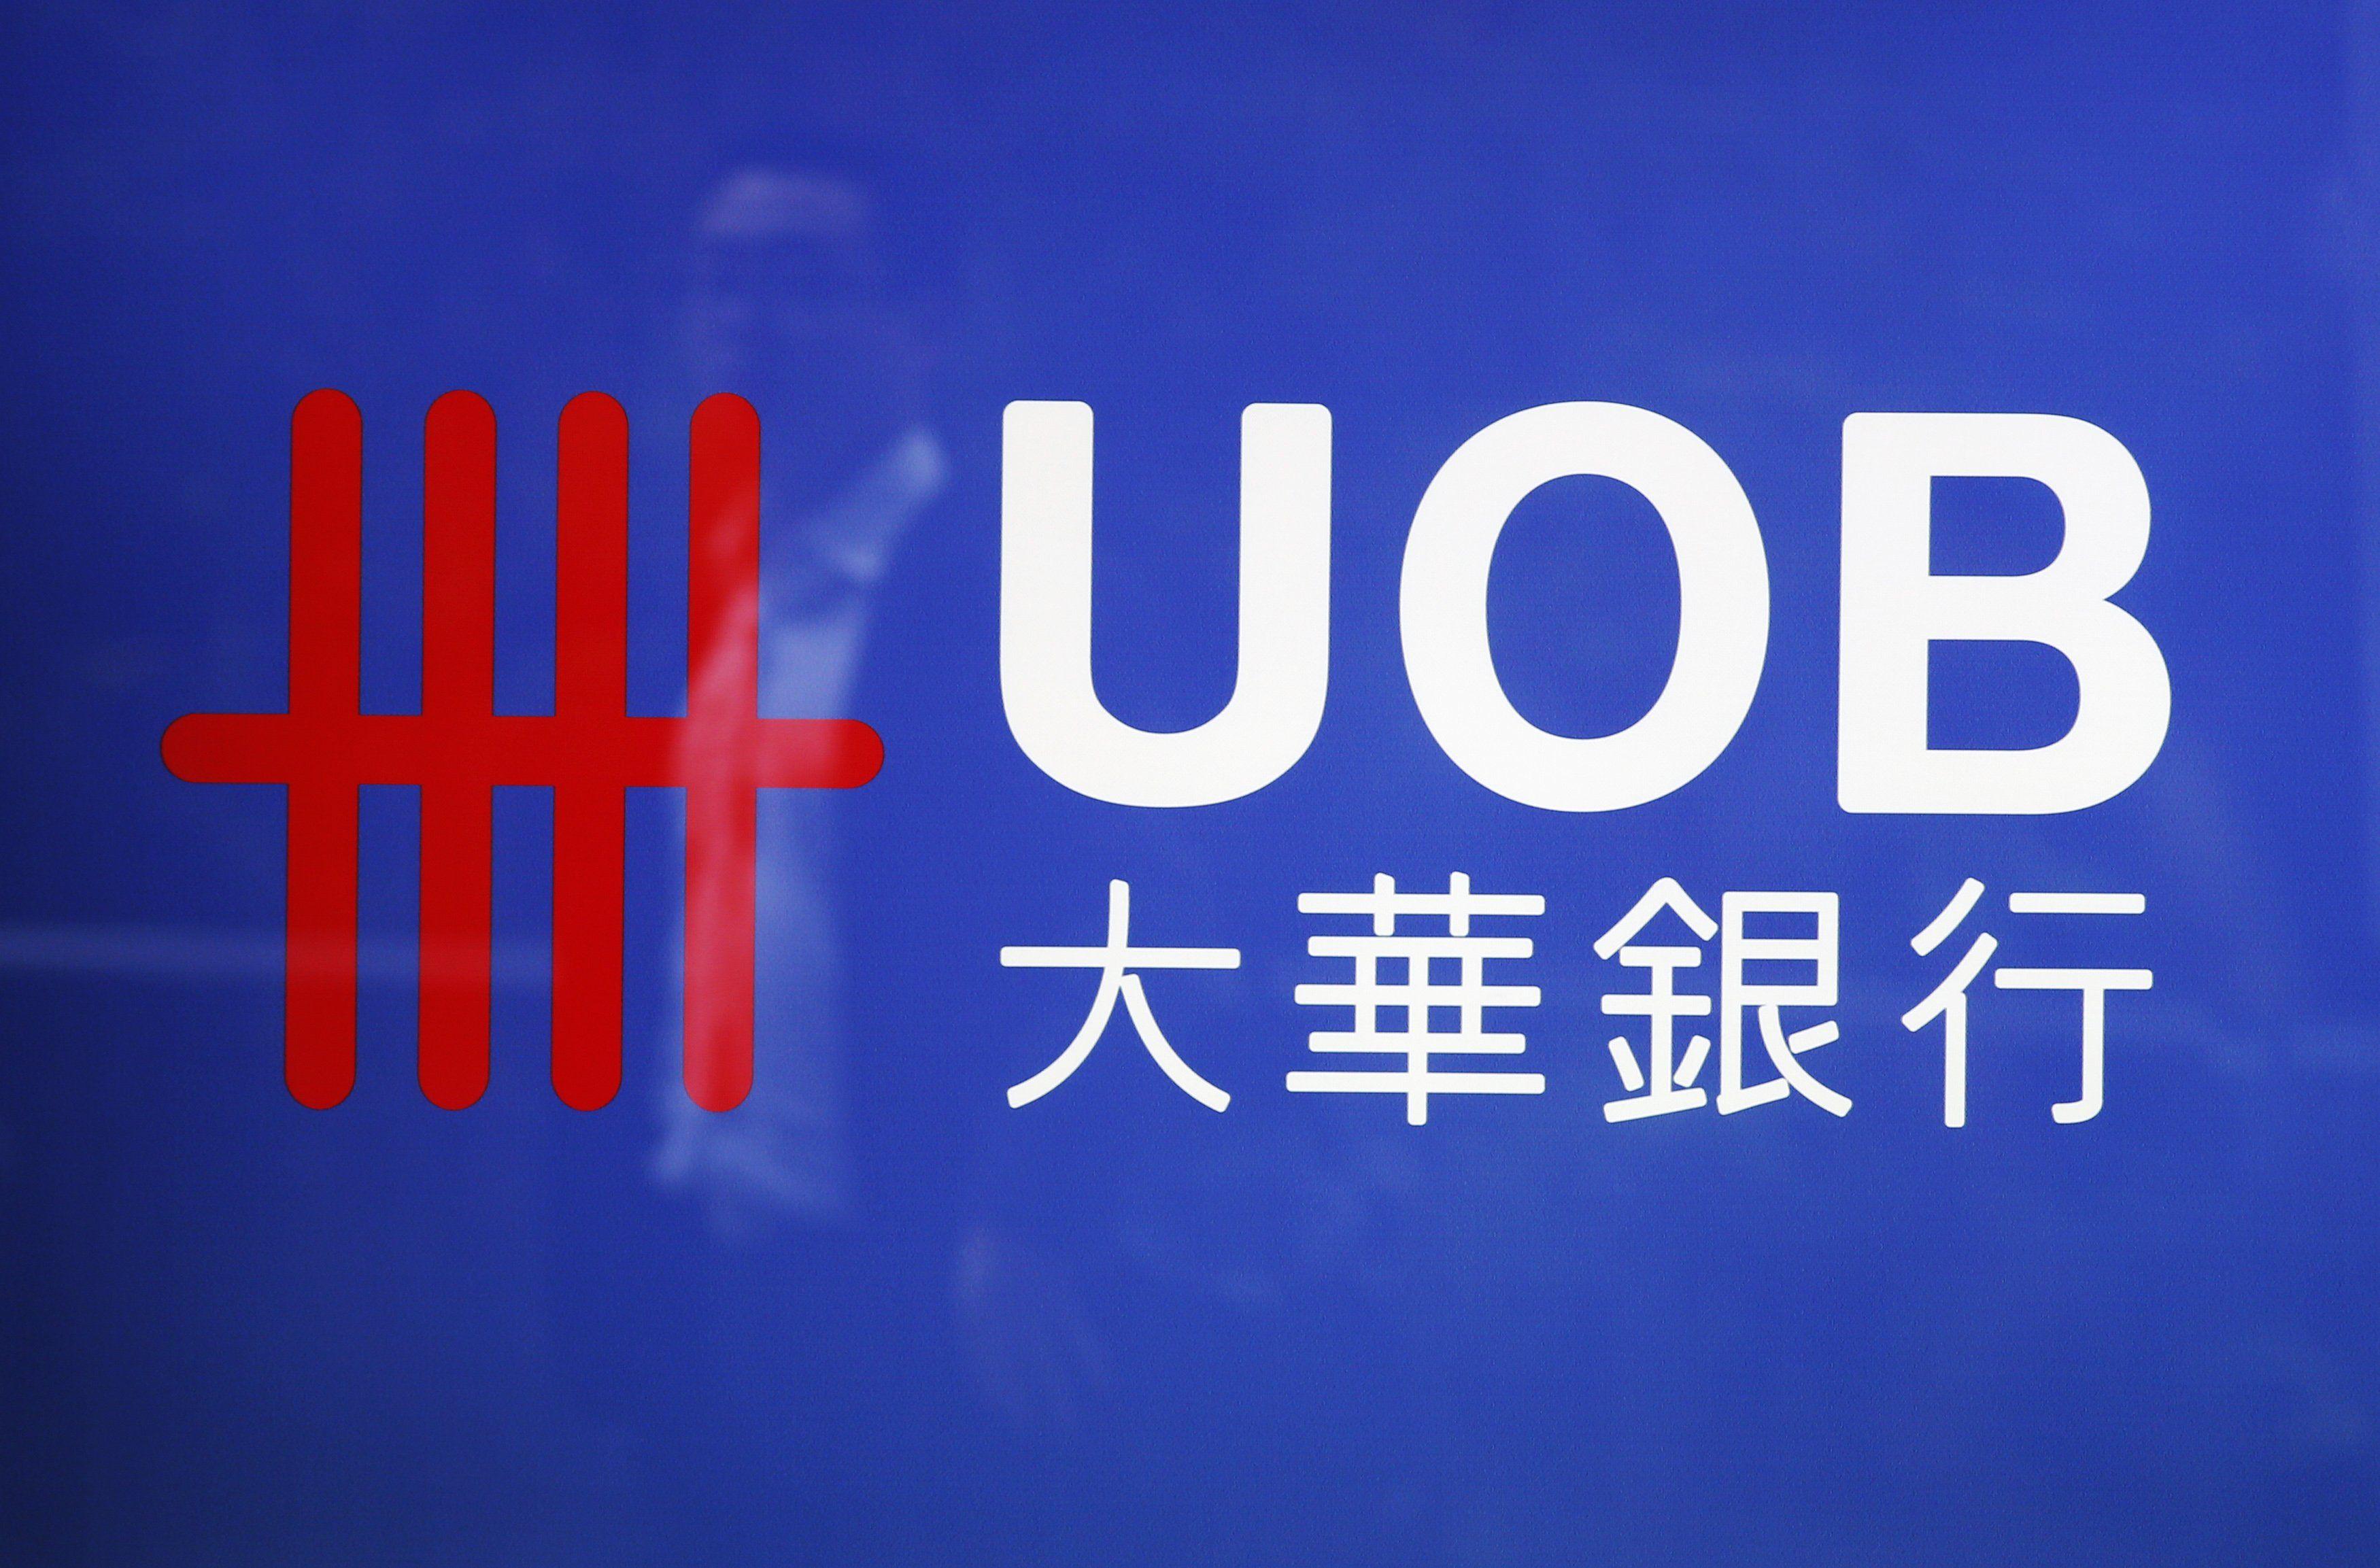 توقعات بنك UOB للأزواج الرئيسية - 23 نوفمبر